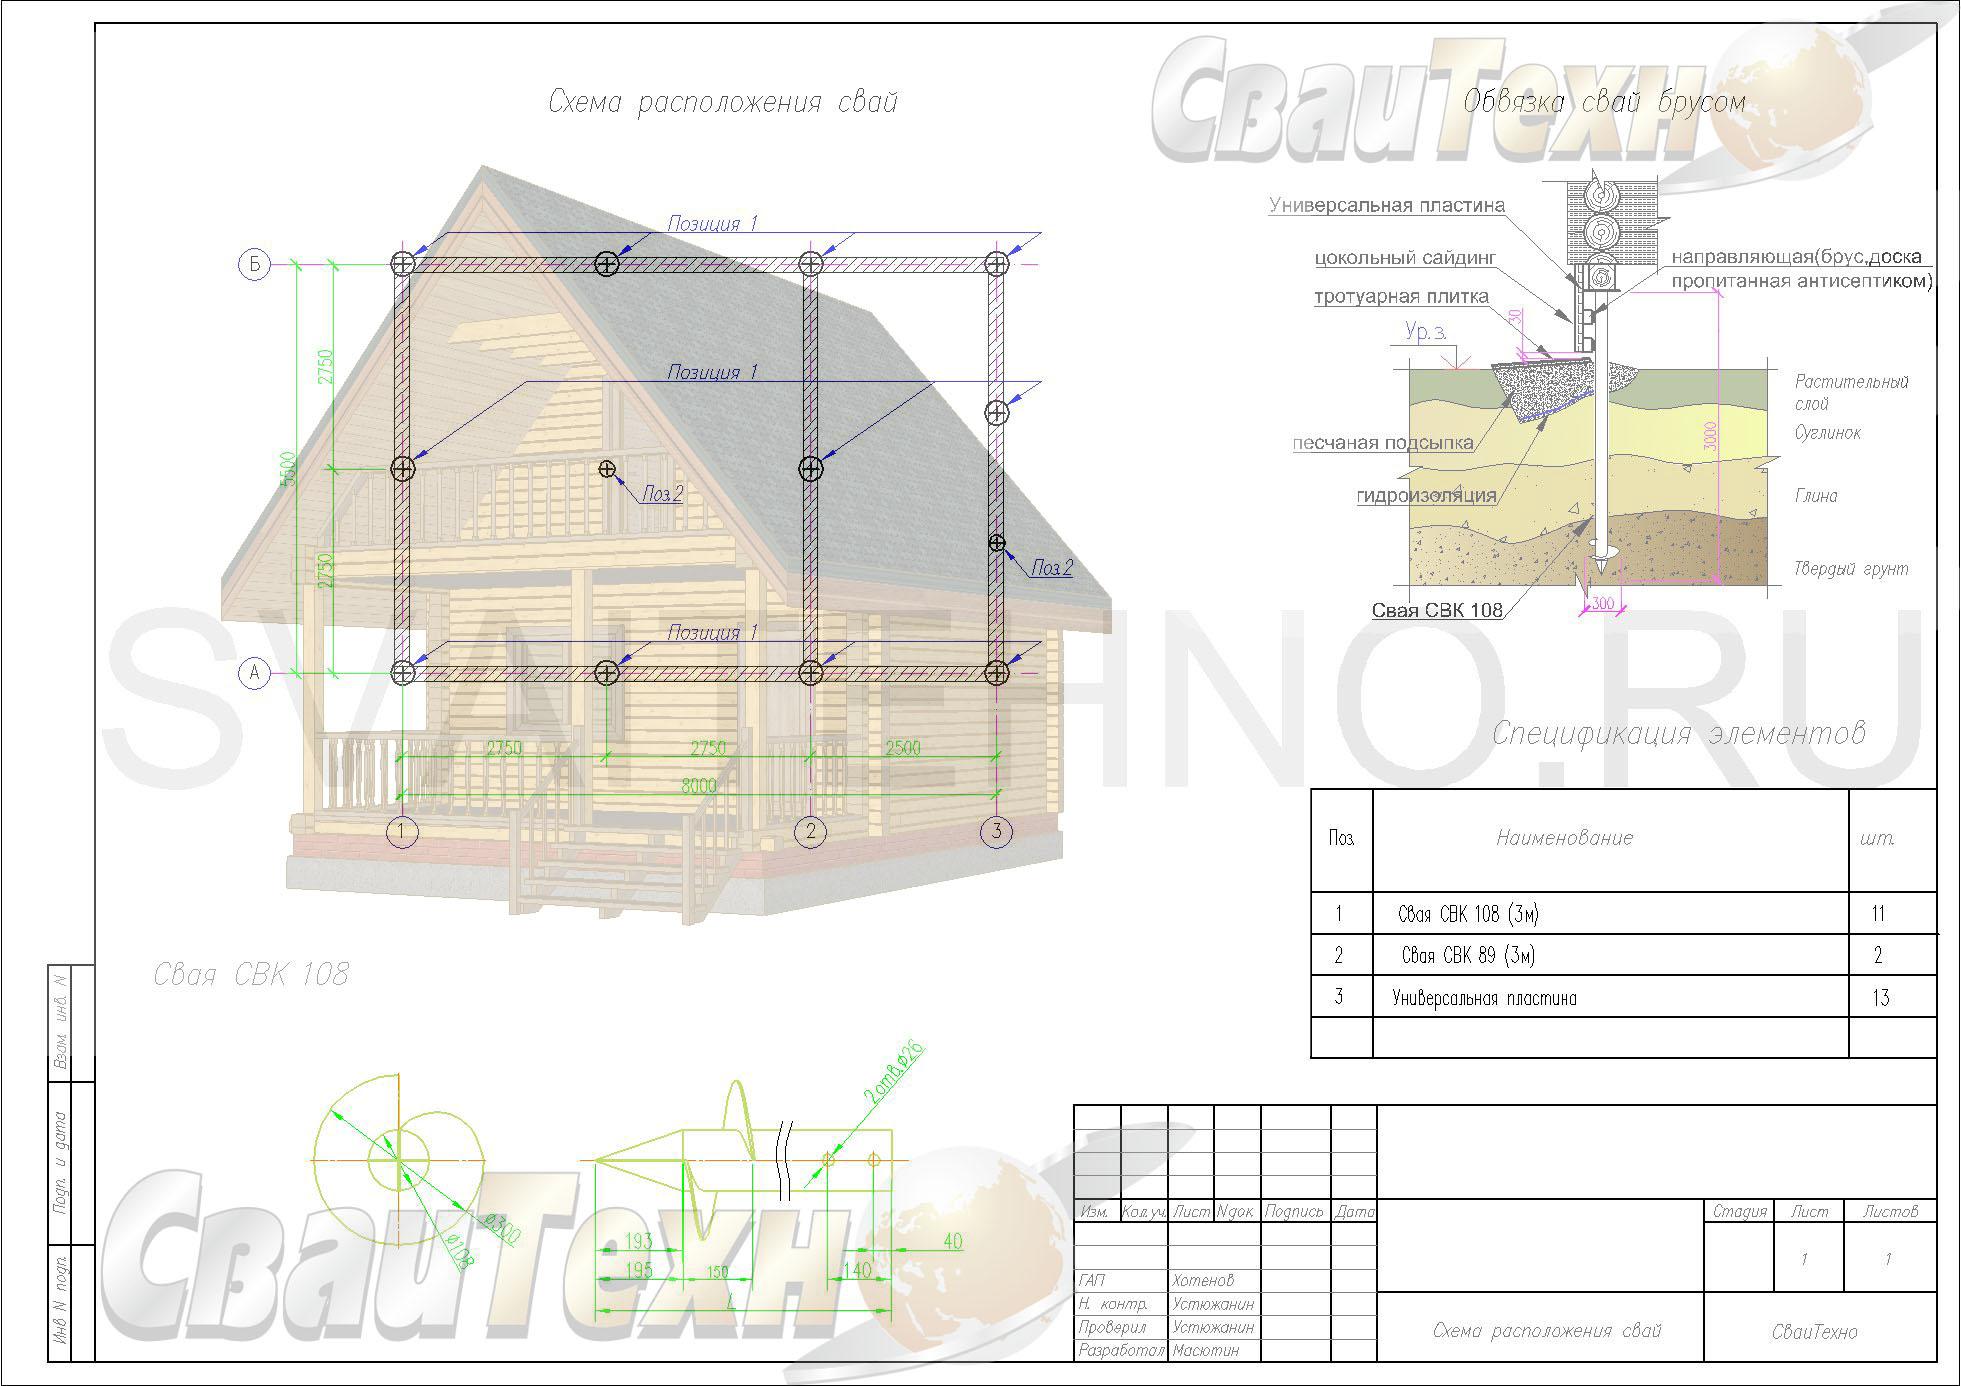 Схема расположения свай для строительства жилого дома из бруса